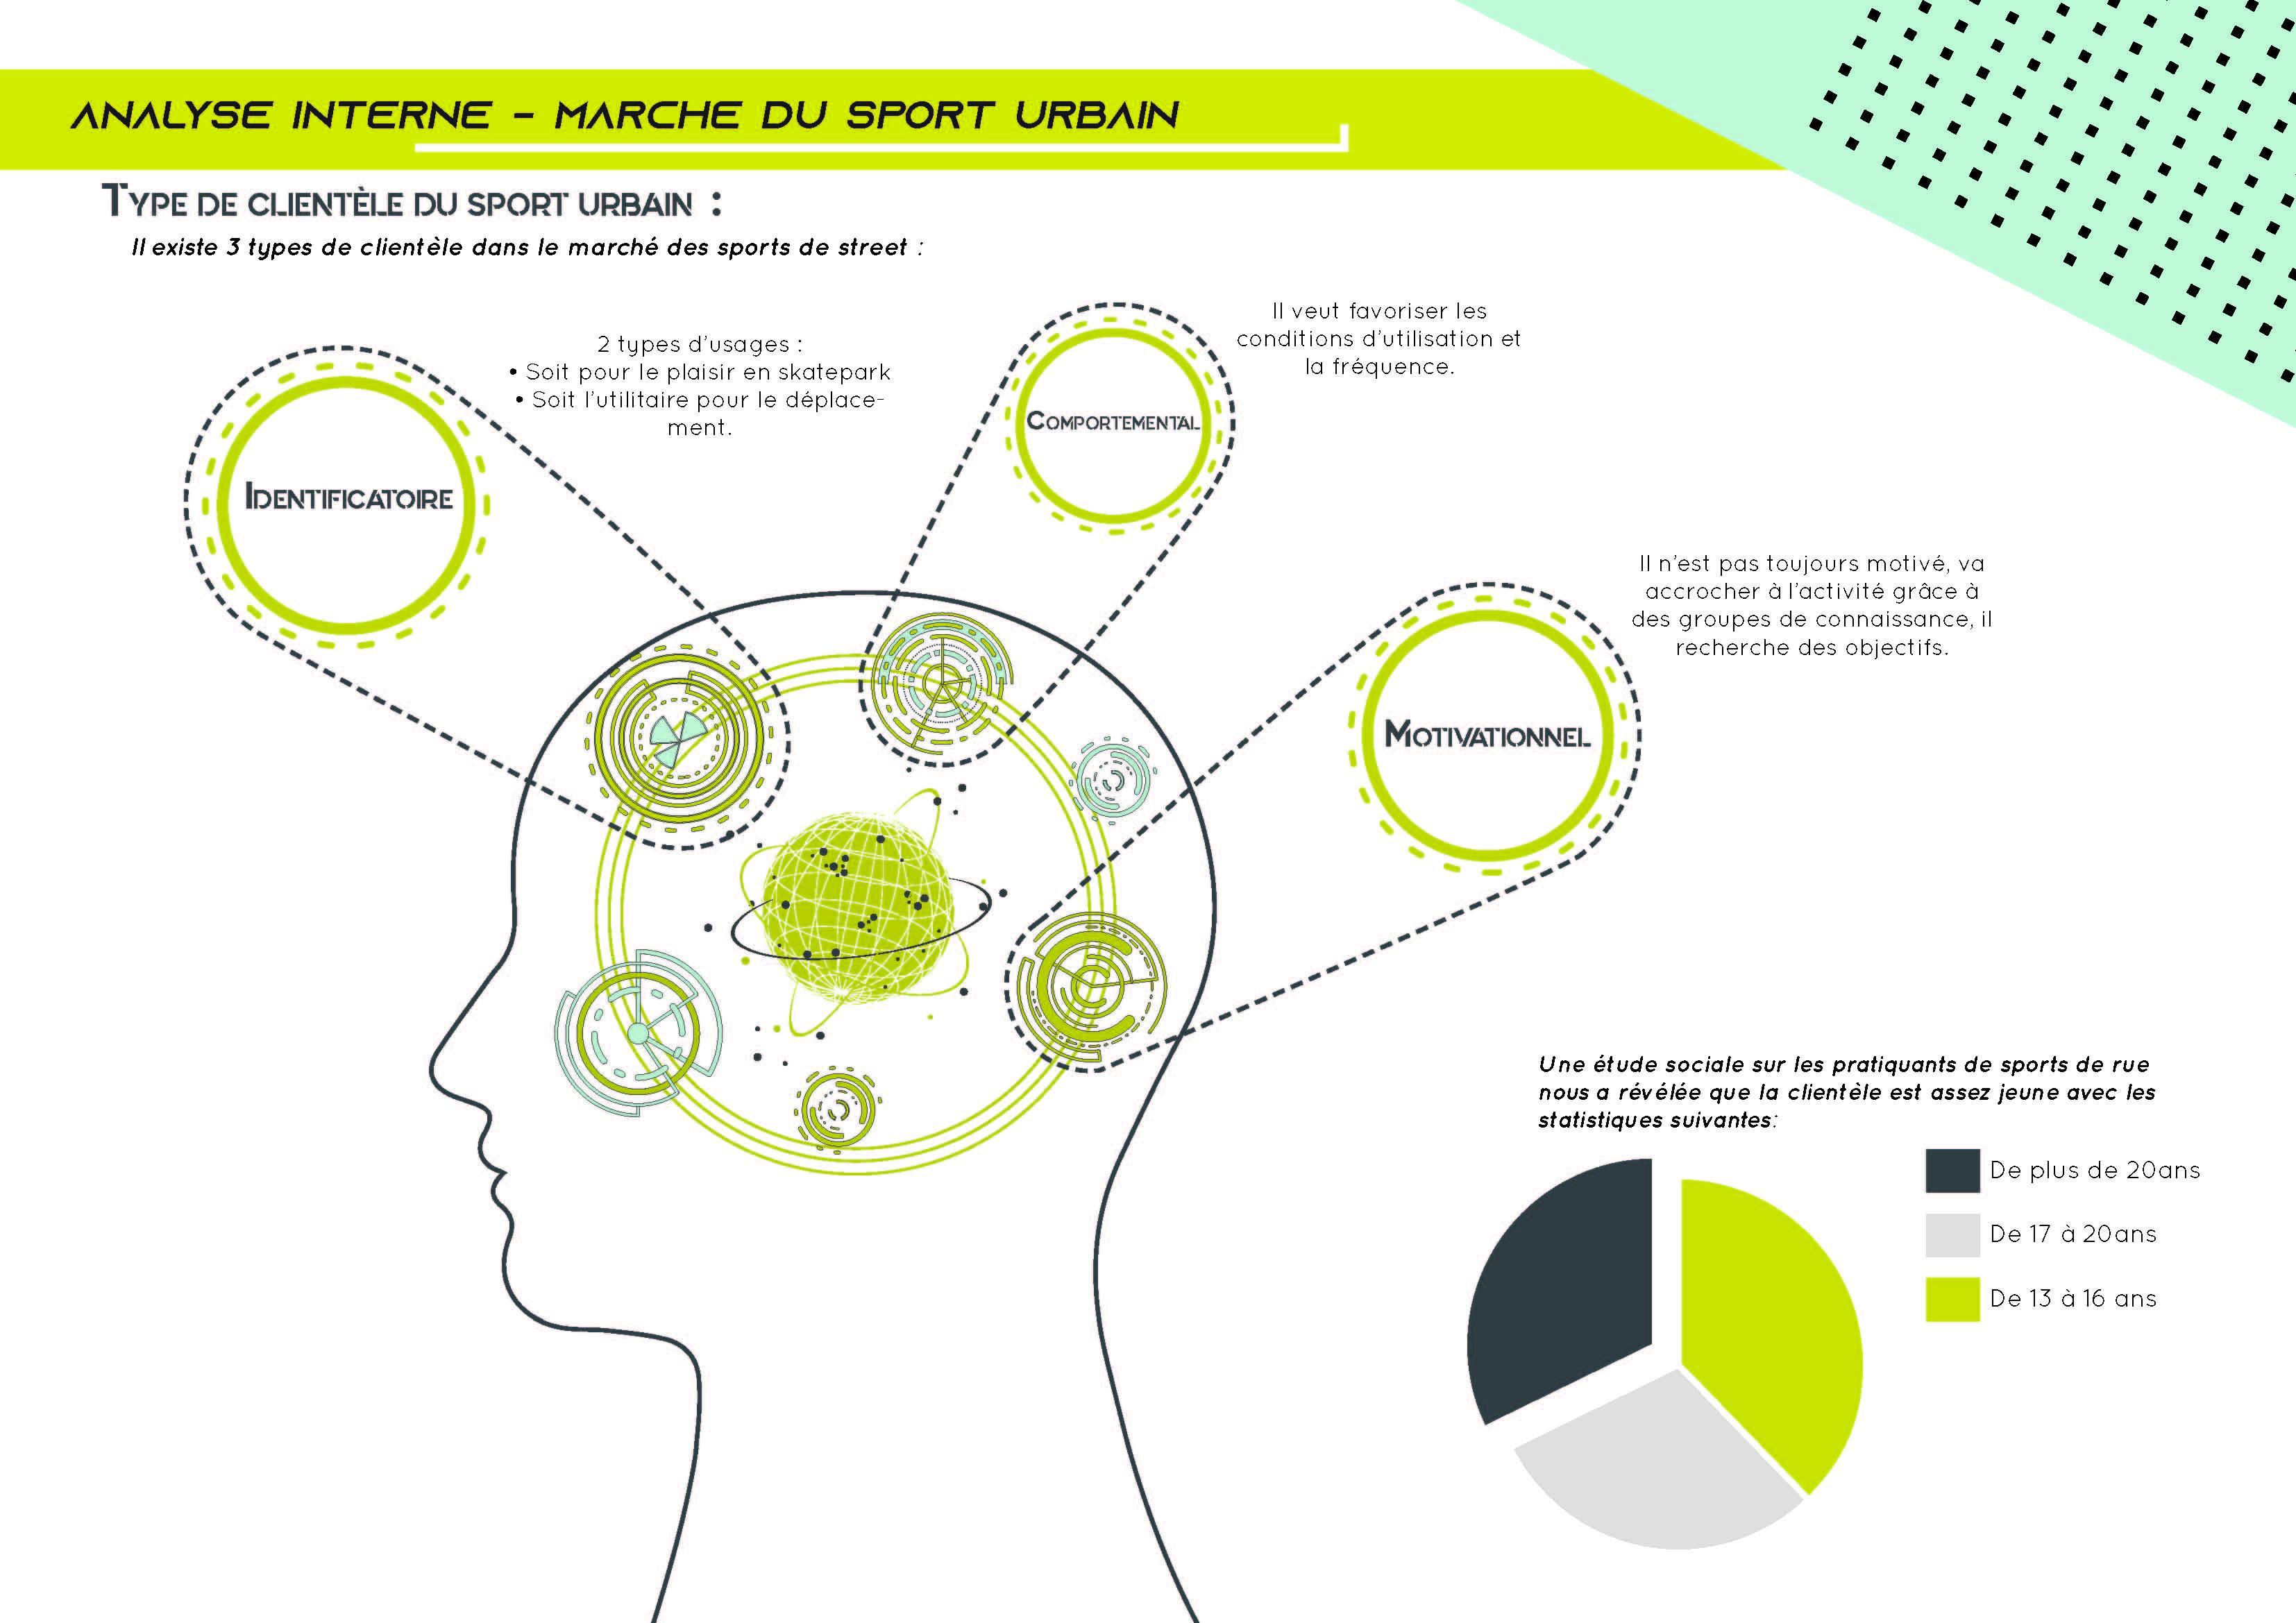 Dossier stratégie communication - Bachelor Evènementiel et Marketing Sportif